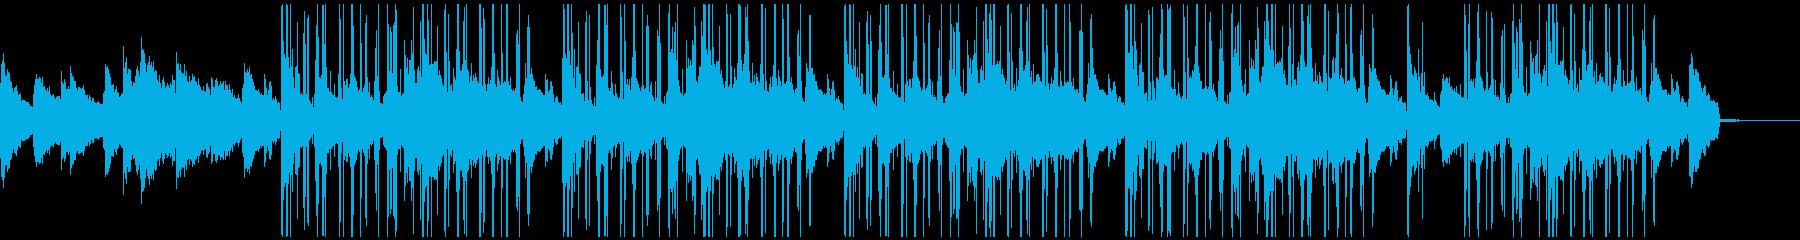 エレピ中心のオシャレなチルアウトBGMの再生済みの波形